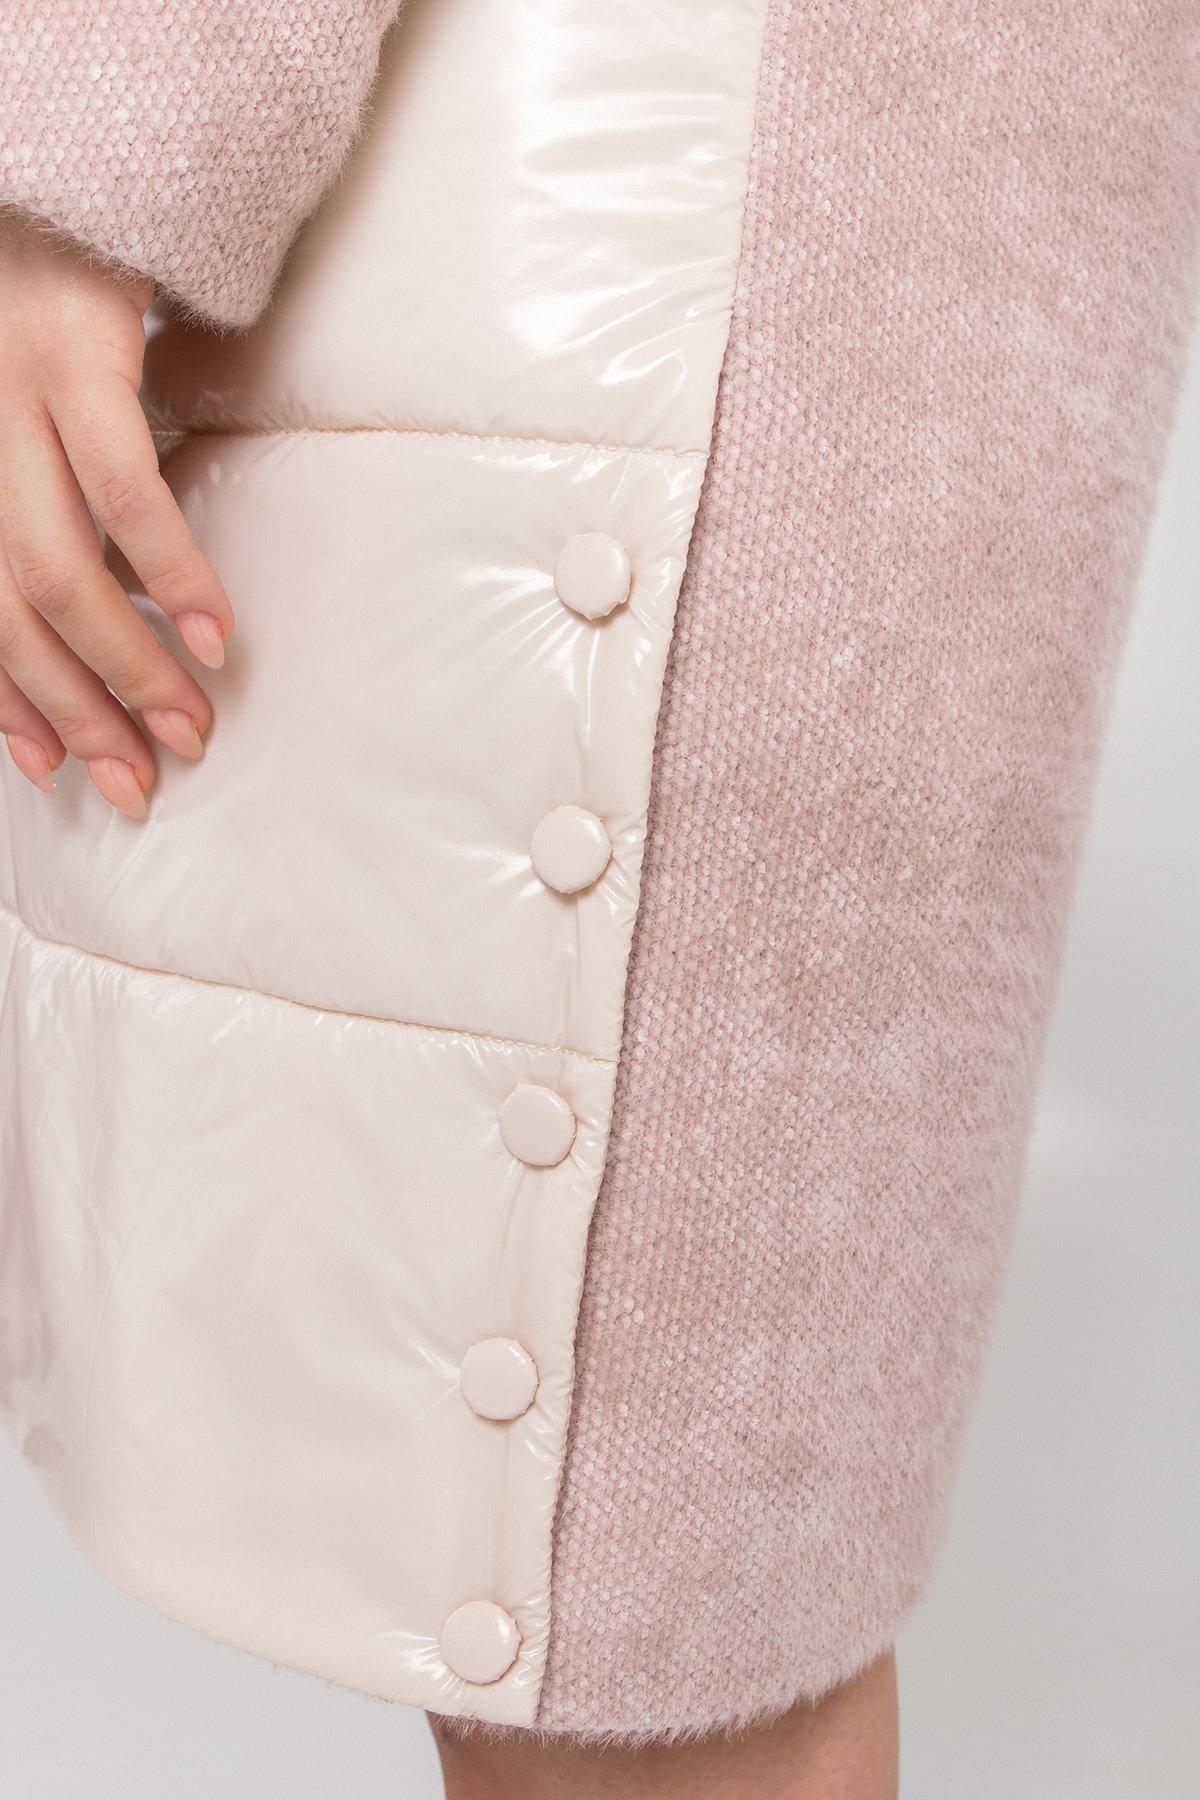 Комбинированное пальто с плащевкой Санья 8780 АРТ. 45123 Цвет: Пудра/молоко - фото 4, интернет магазин tm-modus.ru